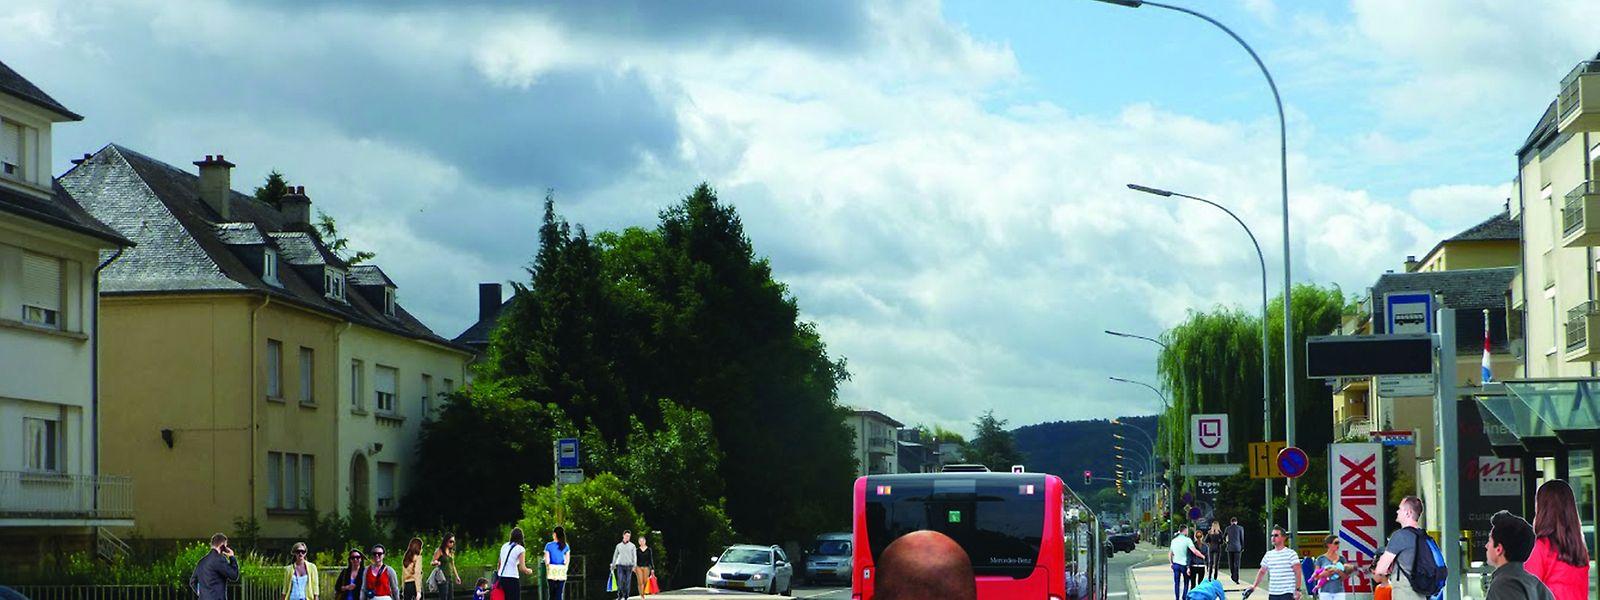 """Die Haltestelle """"Police"""" in Bereldingen: Der Gehweg könnte breiter gestaltet werden und der Bus in der Straße halten, so wie von Verkehrsexperten empfohlen."""